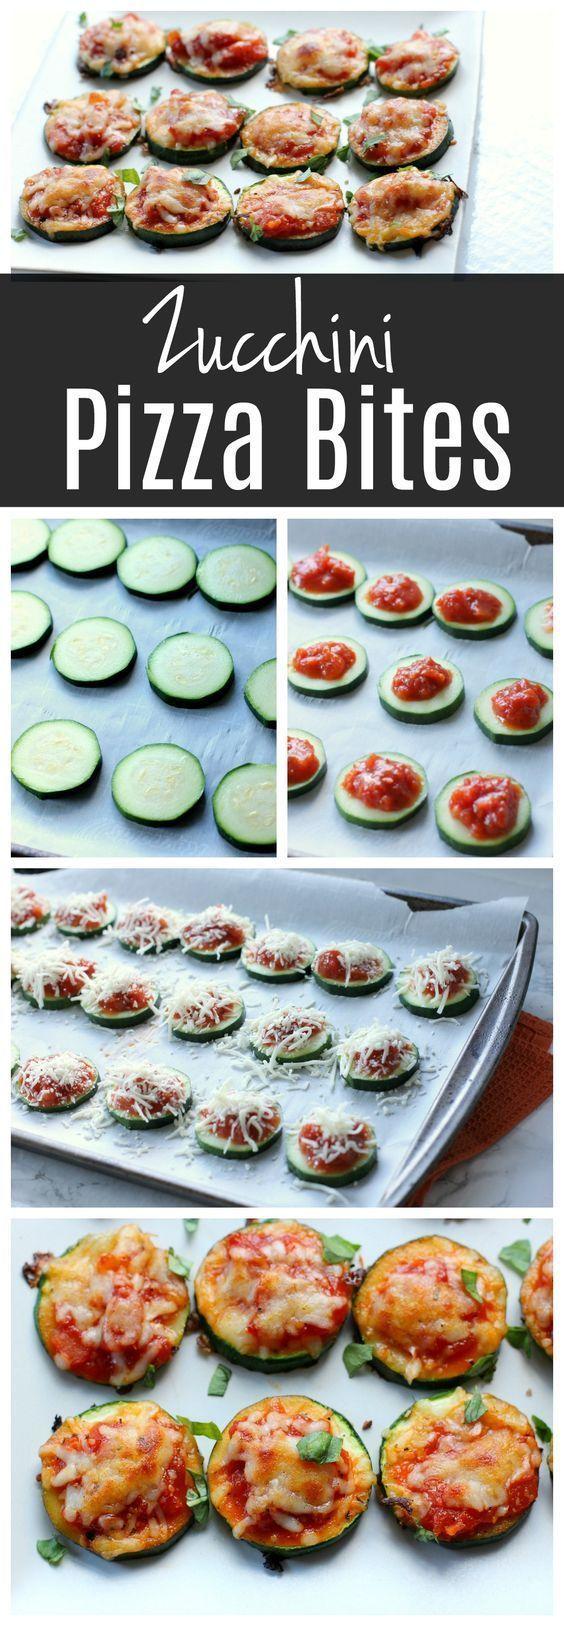 Diese Zucchini-Pizza beißt eine gesunde Vorspeise- oder Abendessenidee! Kinder werden es lieb...